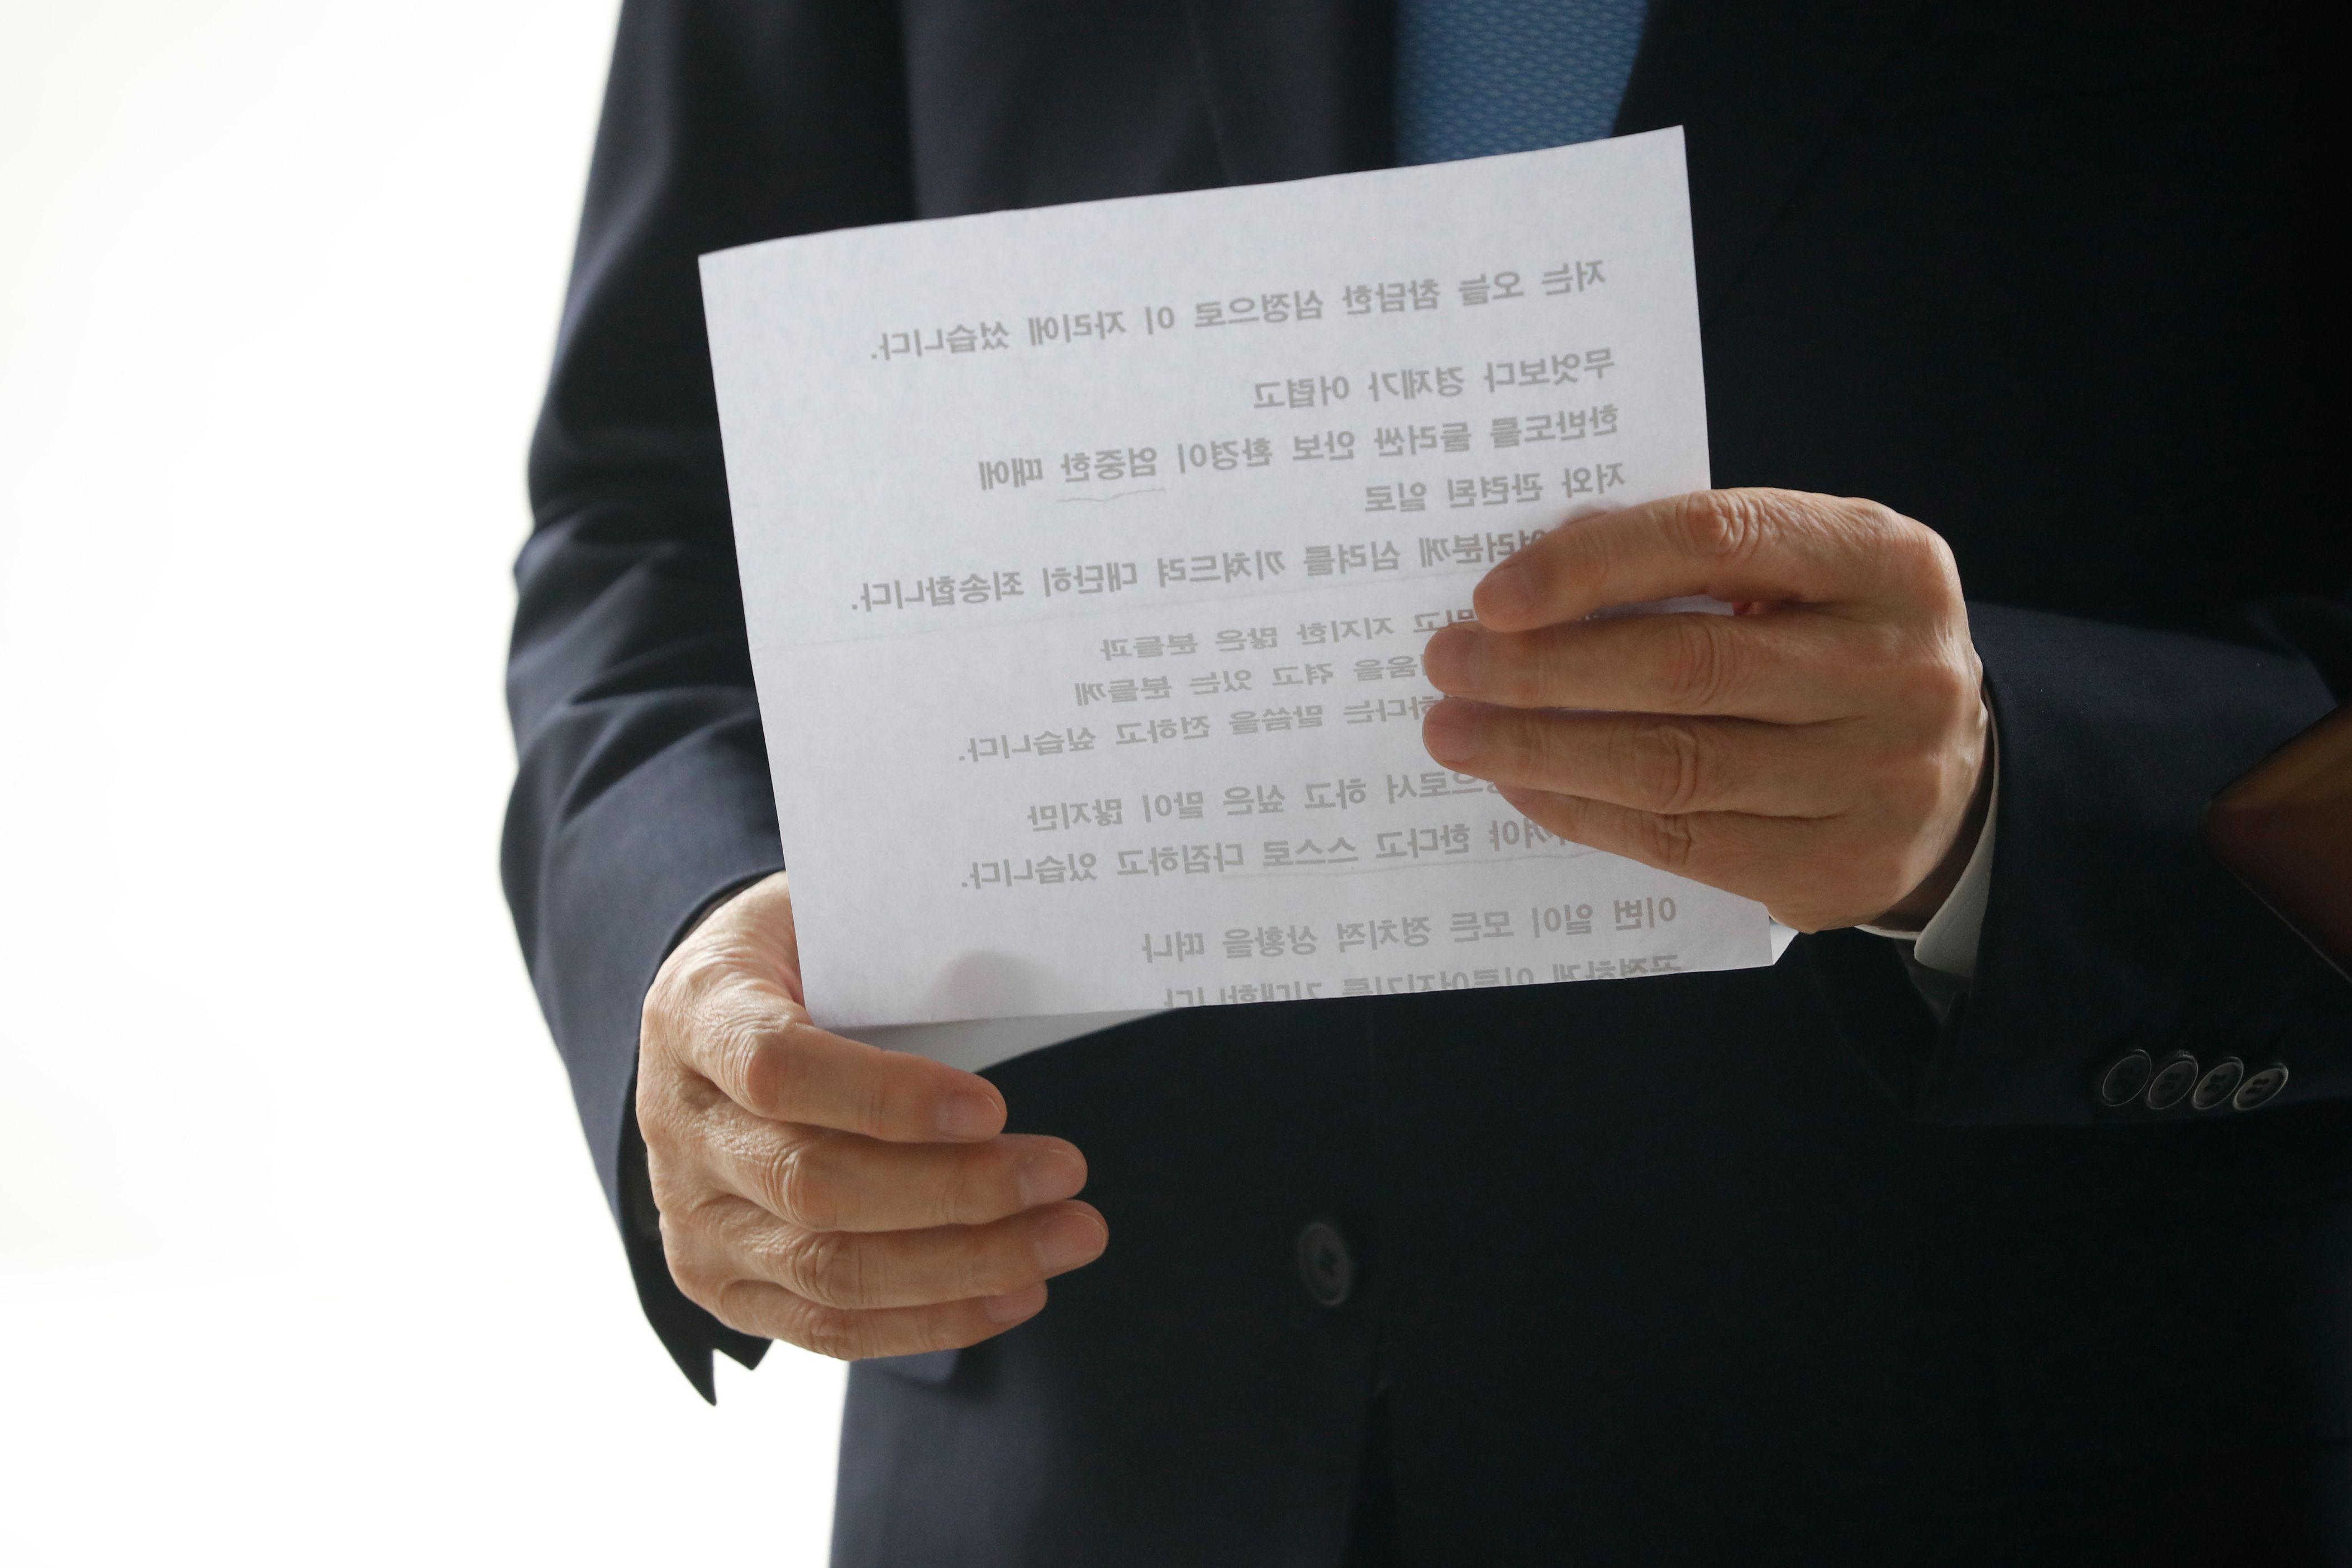 ورقة فى يد رئيس كوريا الجنوبية السابق لى ميونج باك